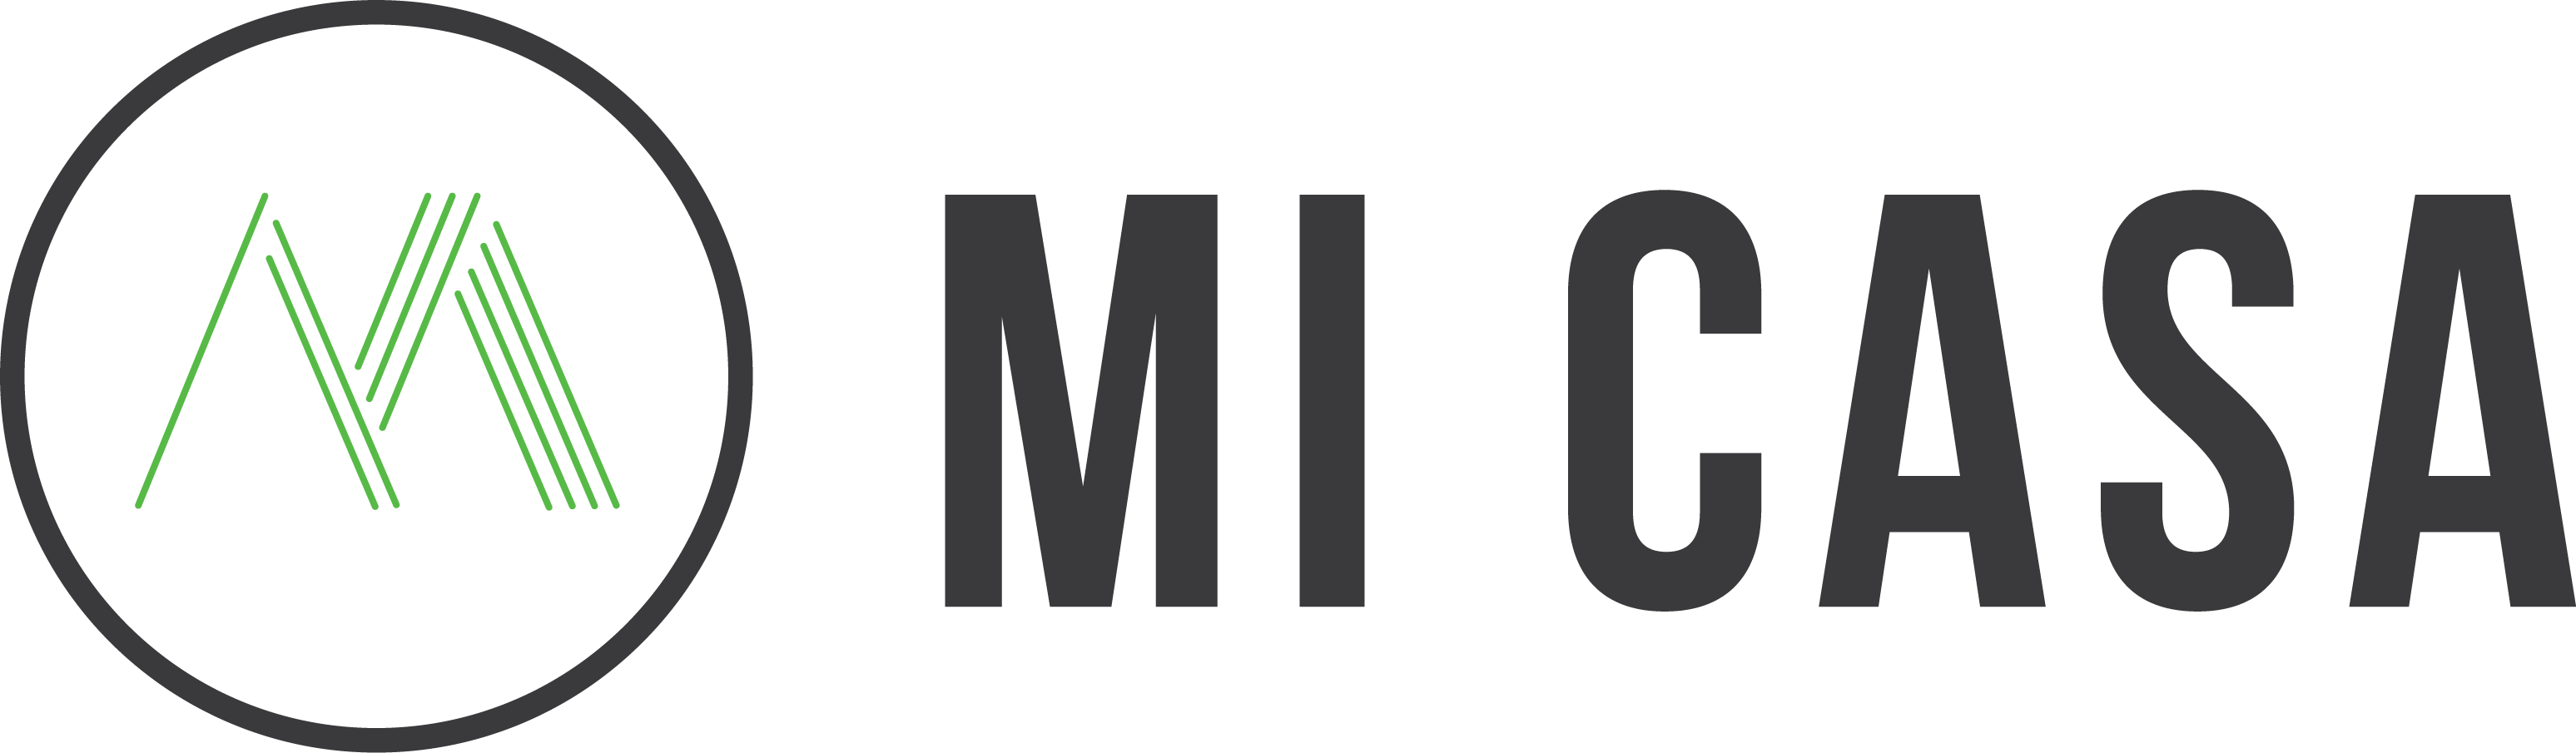 MICASA.LV